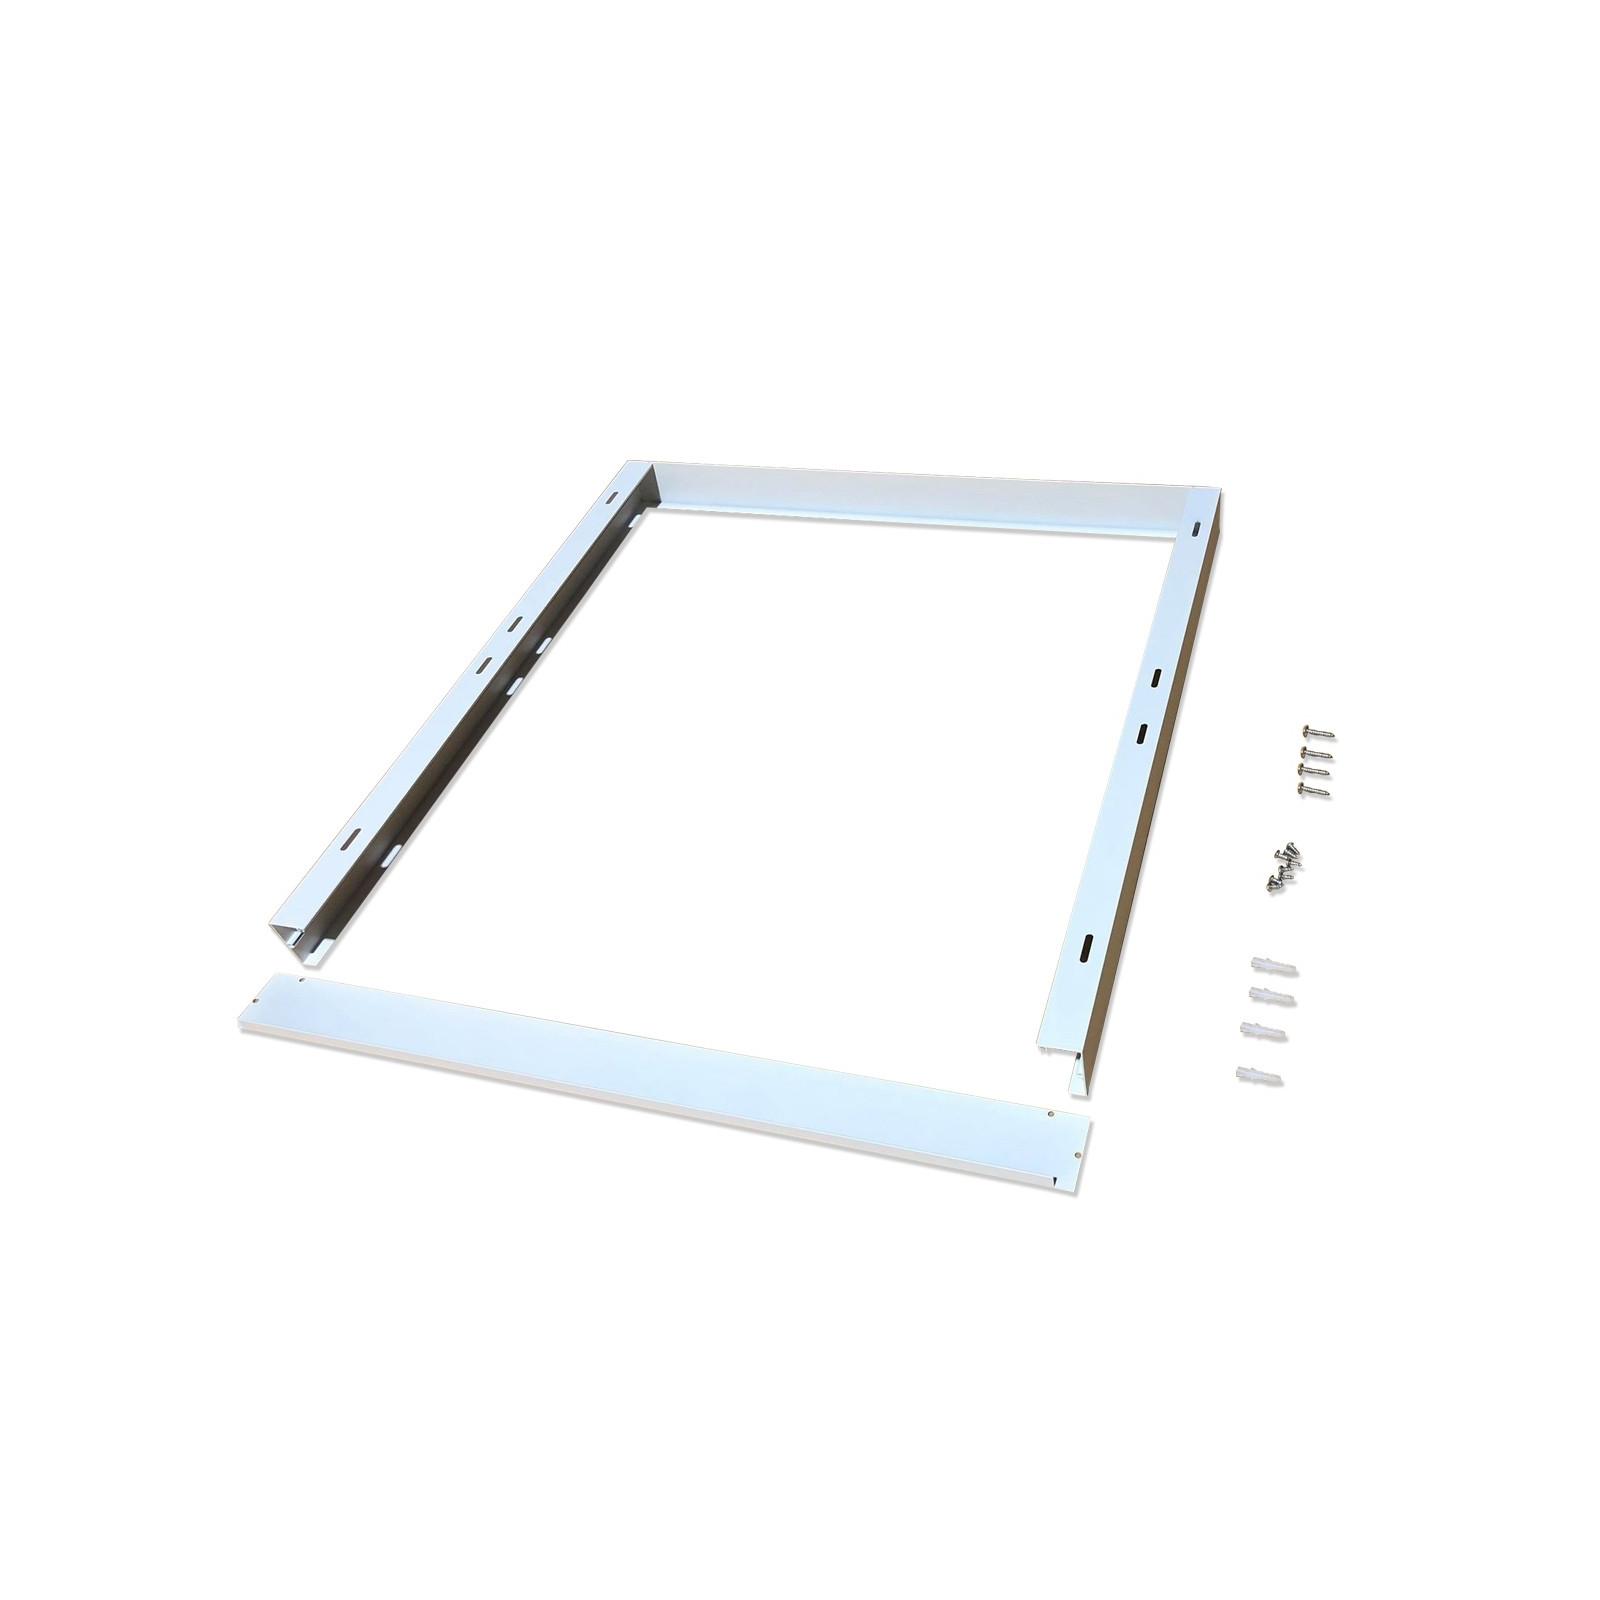 Cadre Saillie Blanc pour Dalle Led 60x60 - EuropaLamp